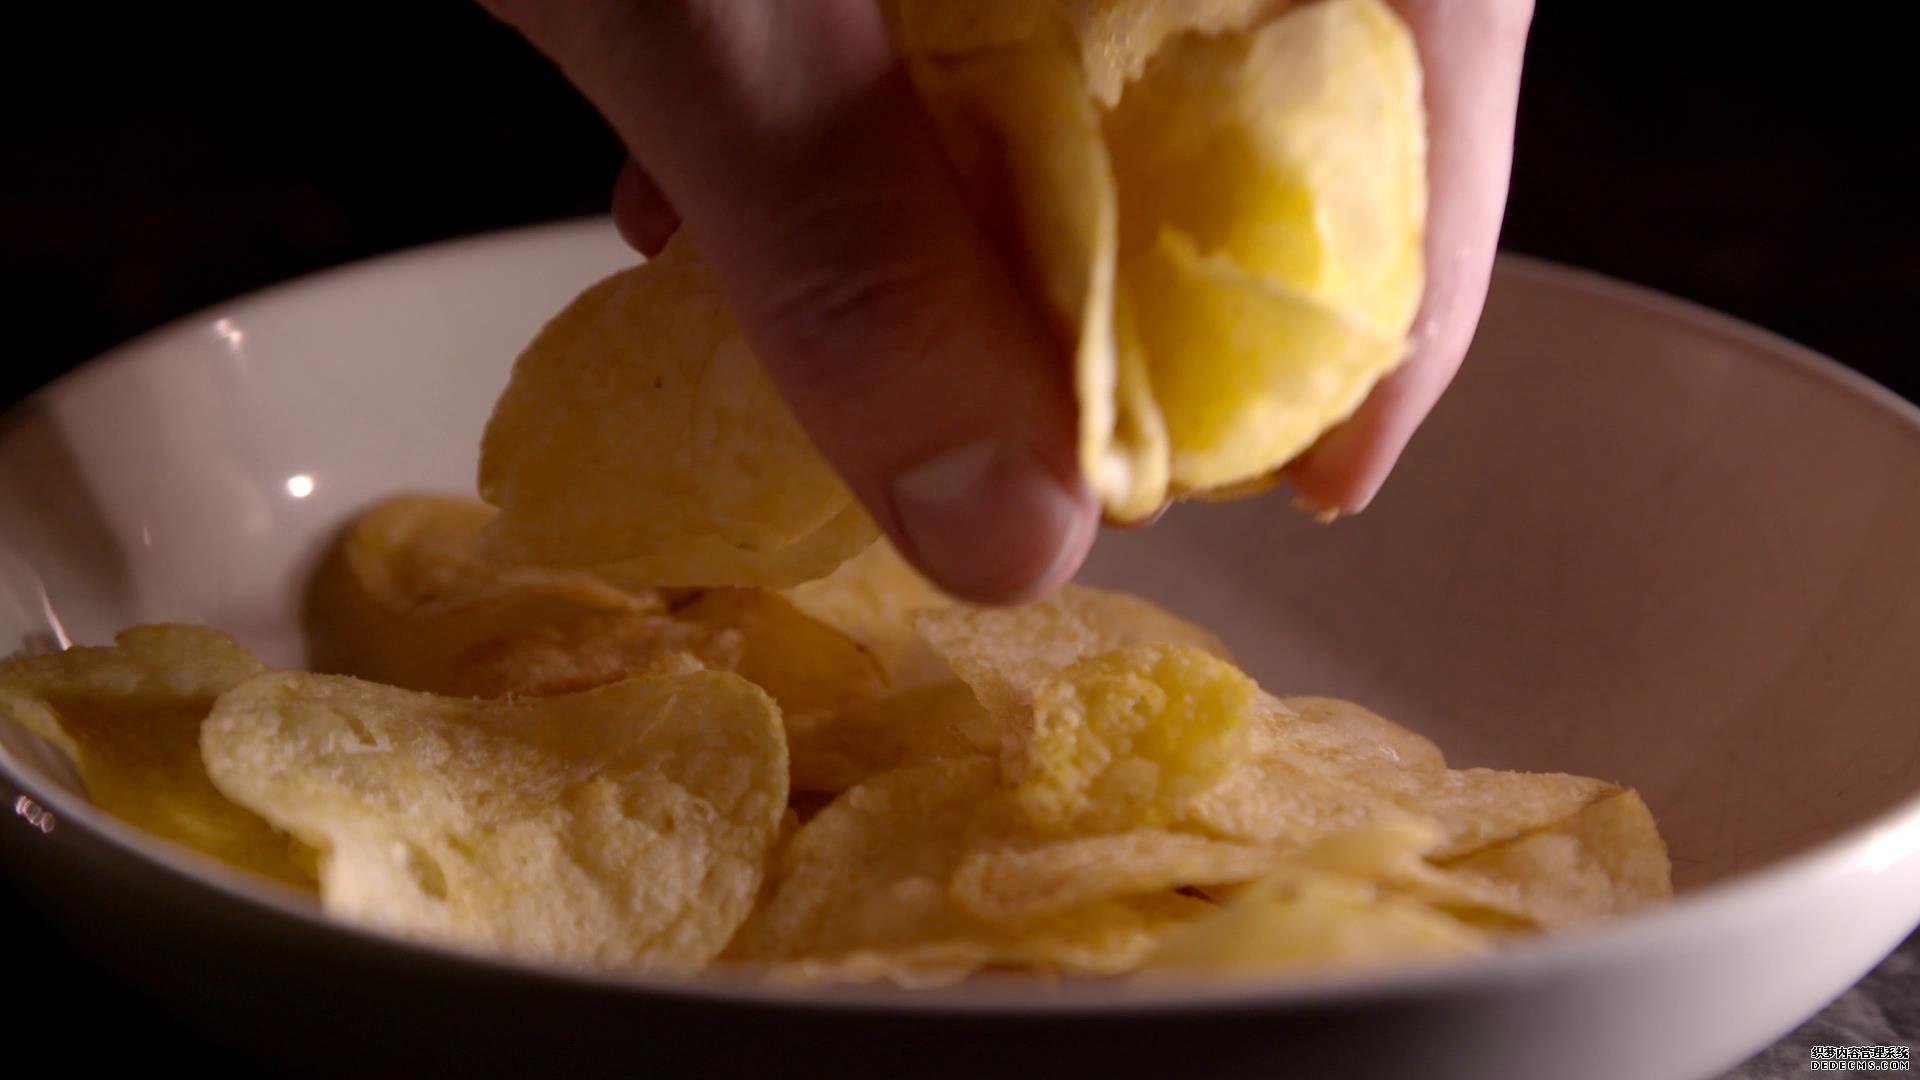 抓起薯片慢动作高清视频素材